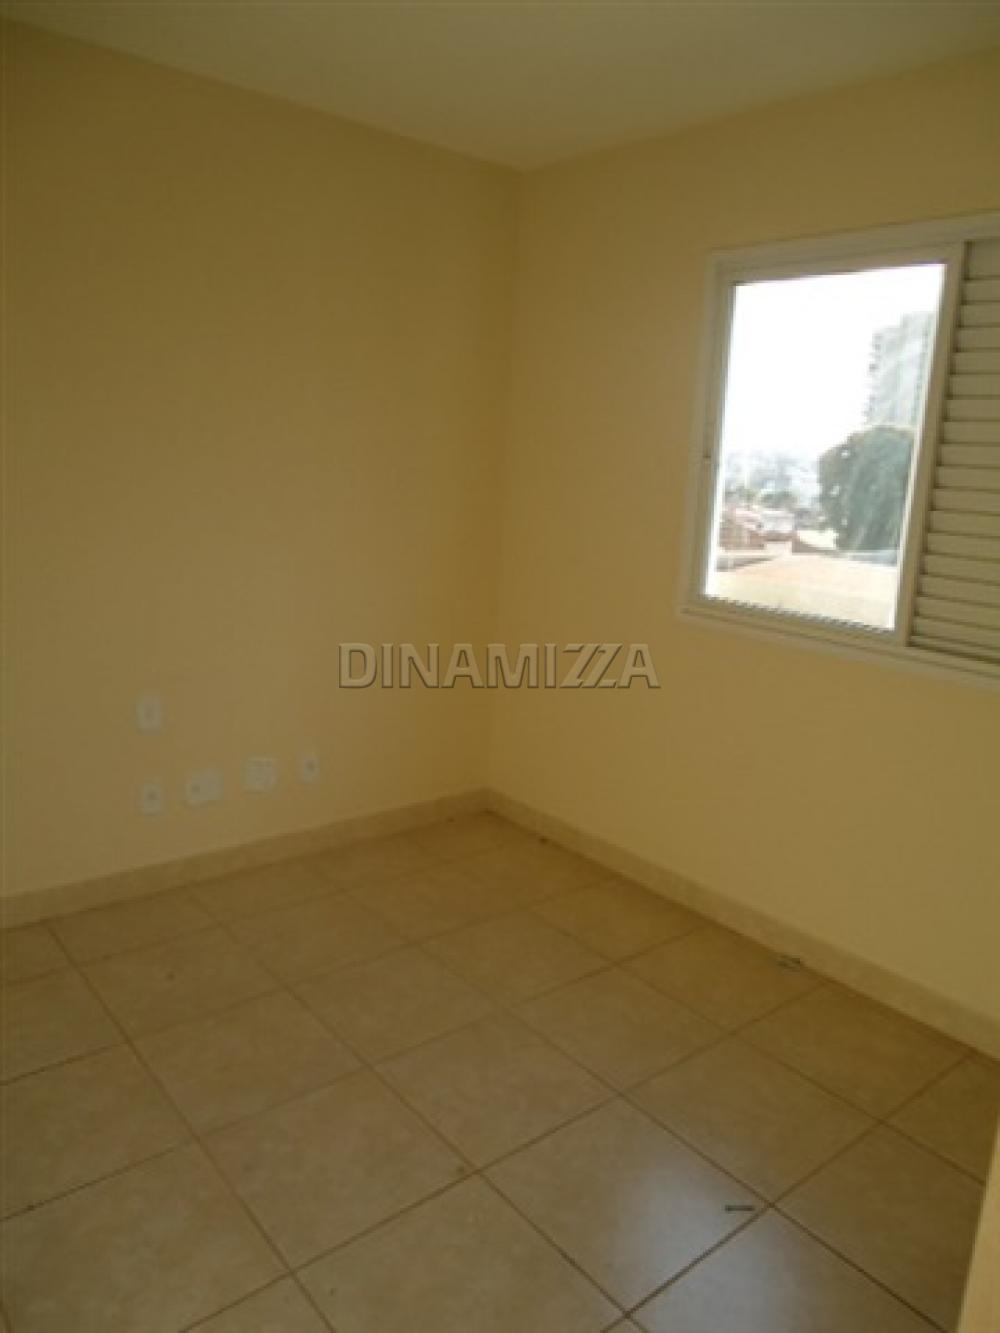 Alugar Apartamento / Padrão em Uberaba apenas R$ 1.200,00 - Foto 5